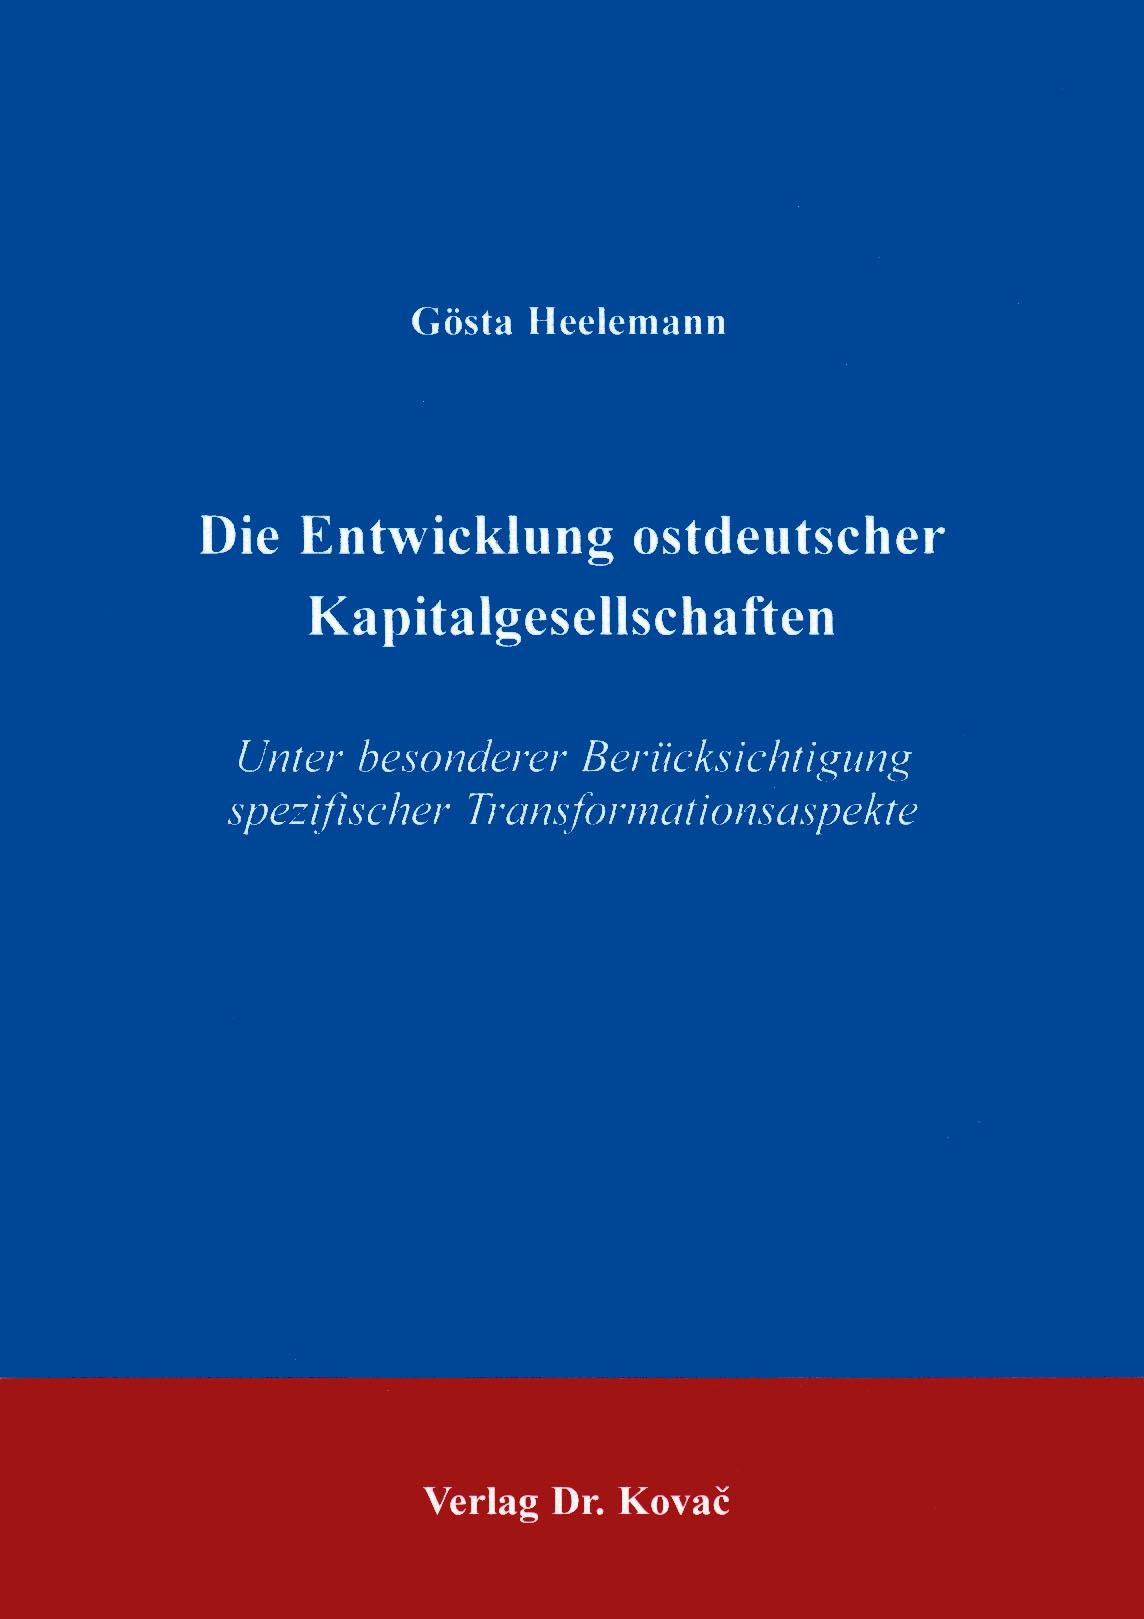 Cover: Die Entwicklung ostdeutscher Kapitalgesellschaften unter besonderer Berücksichtigung spezifischer Transformationsaspekte